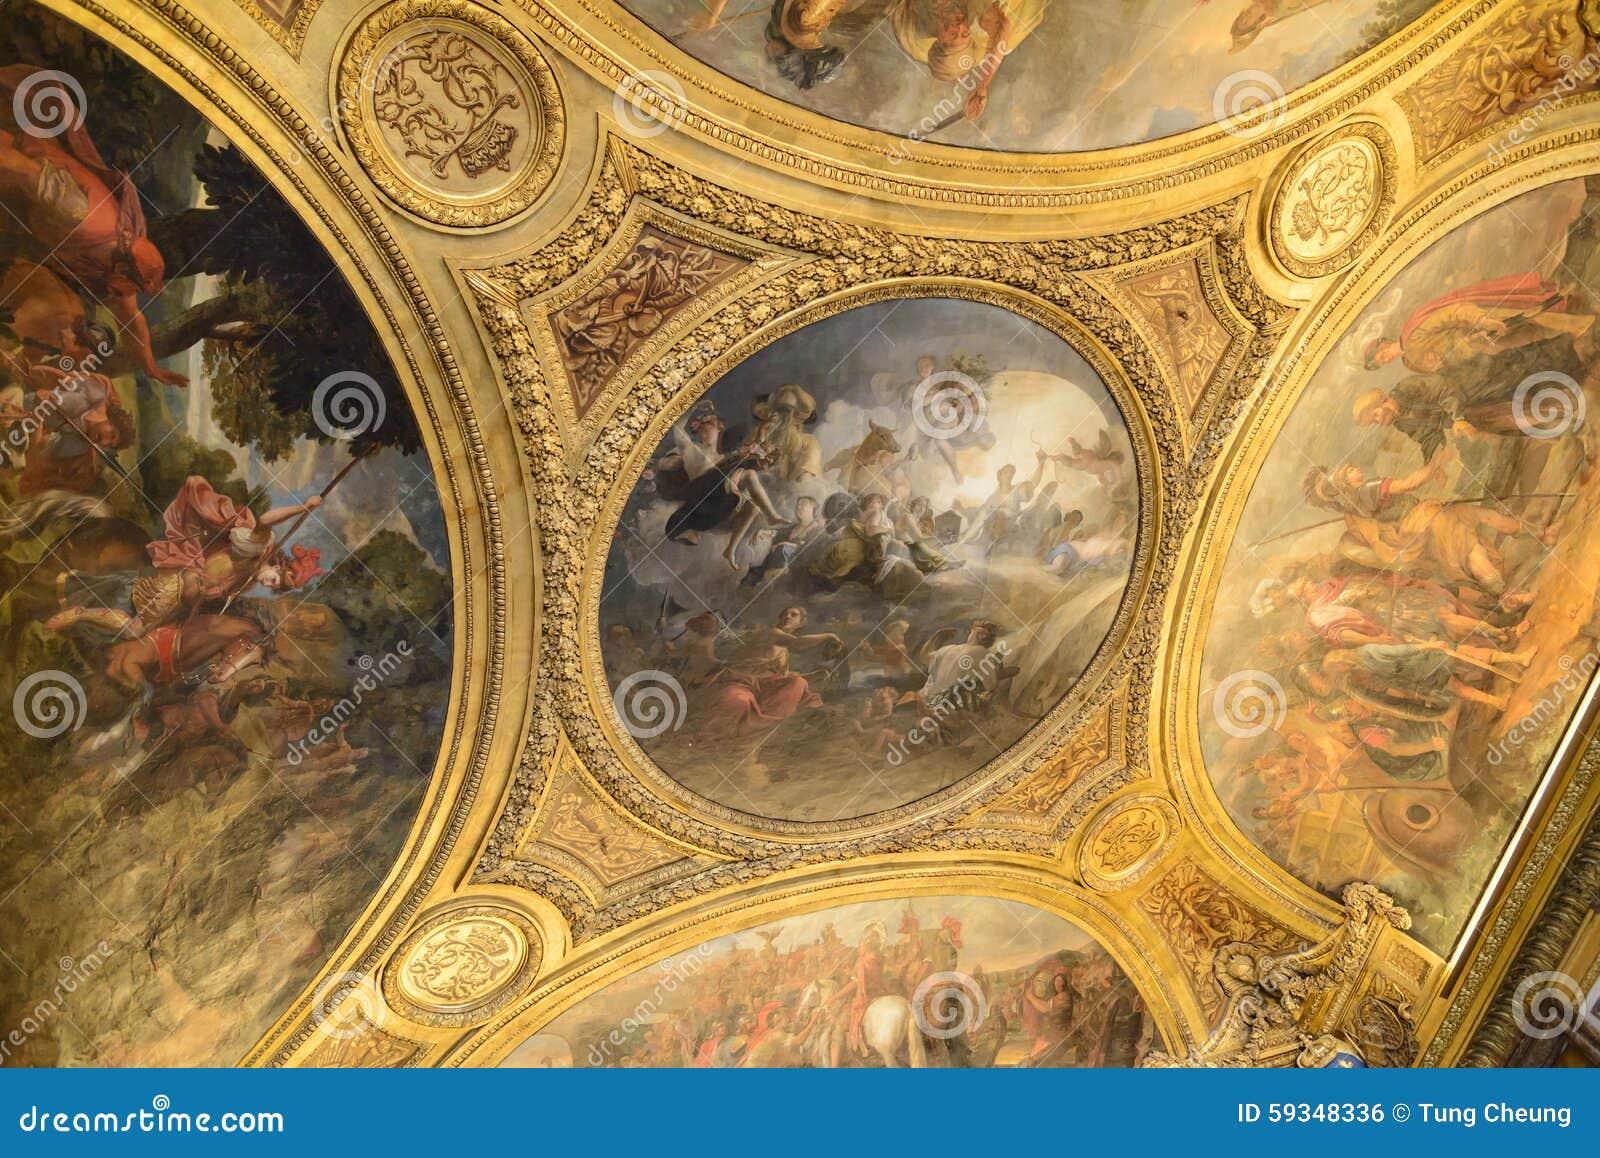 Int rieur du ch teau de versailles palais de versailles for Chateau de versailles interieur